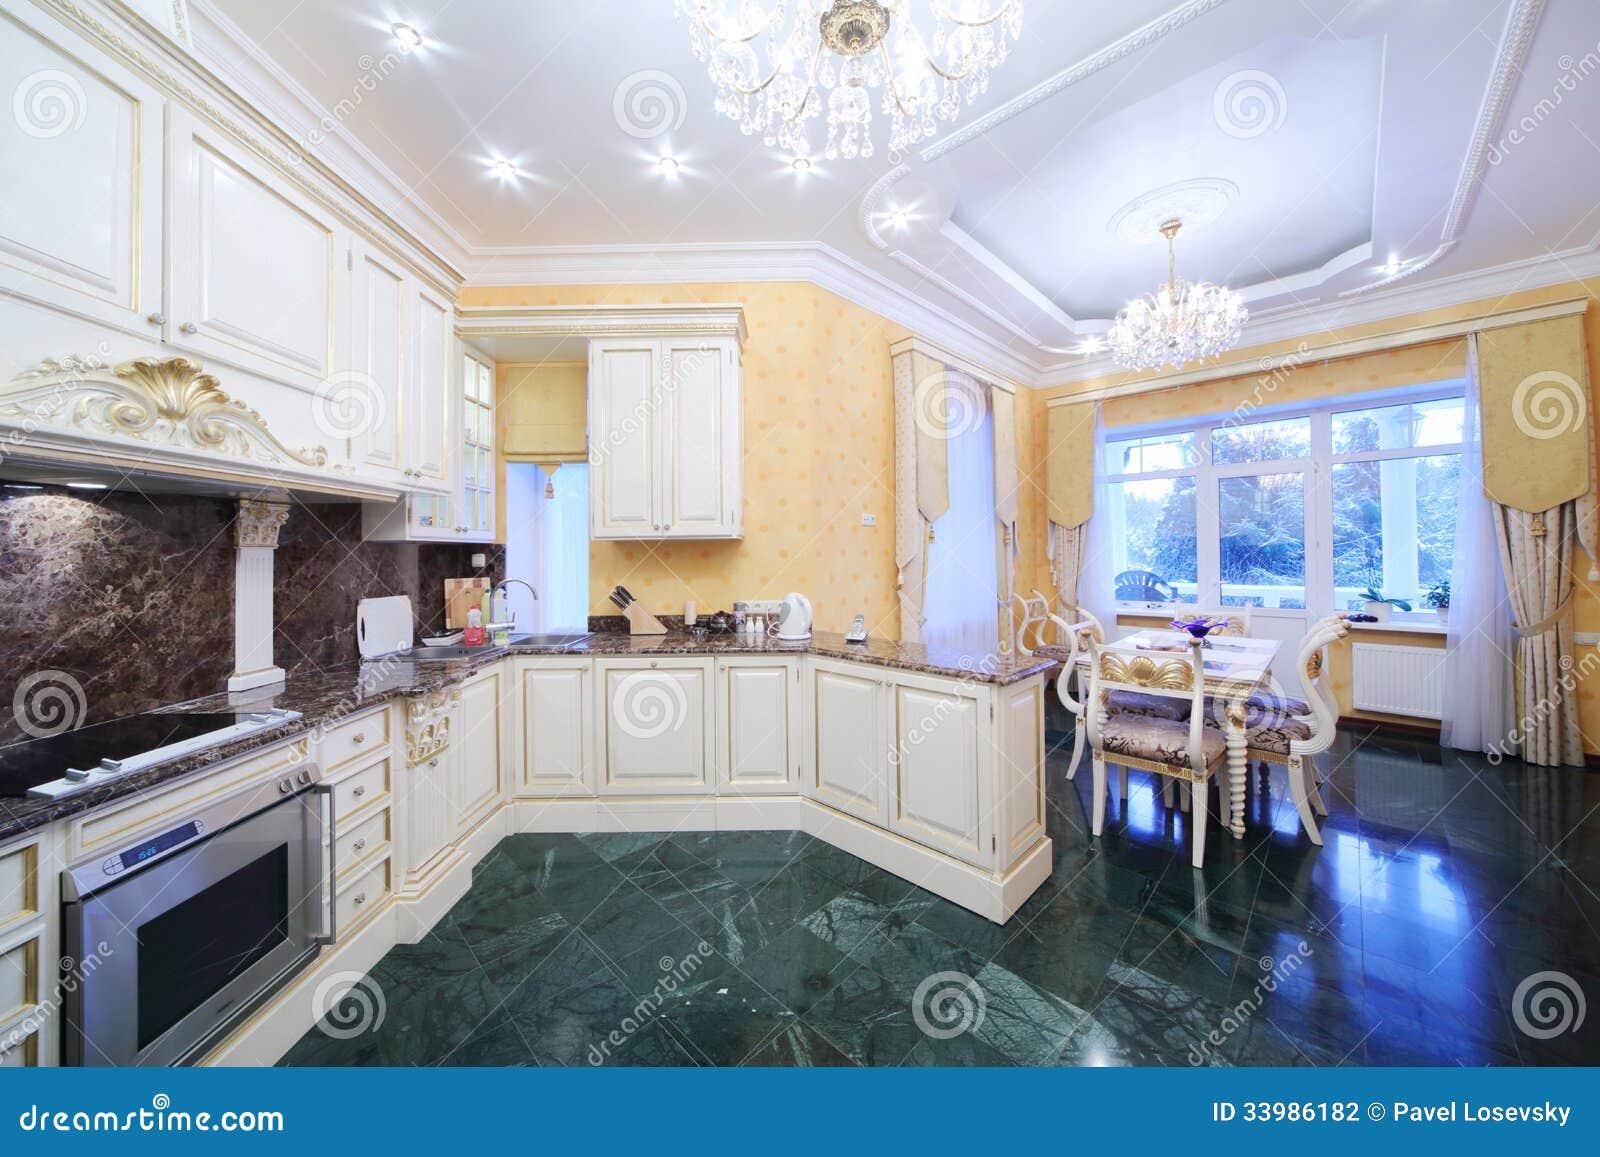 Kök med lyxigt möblemang i klassisk stil arkivbild   bild: 33986182